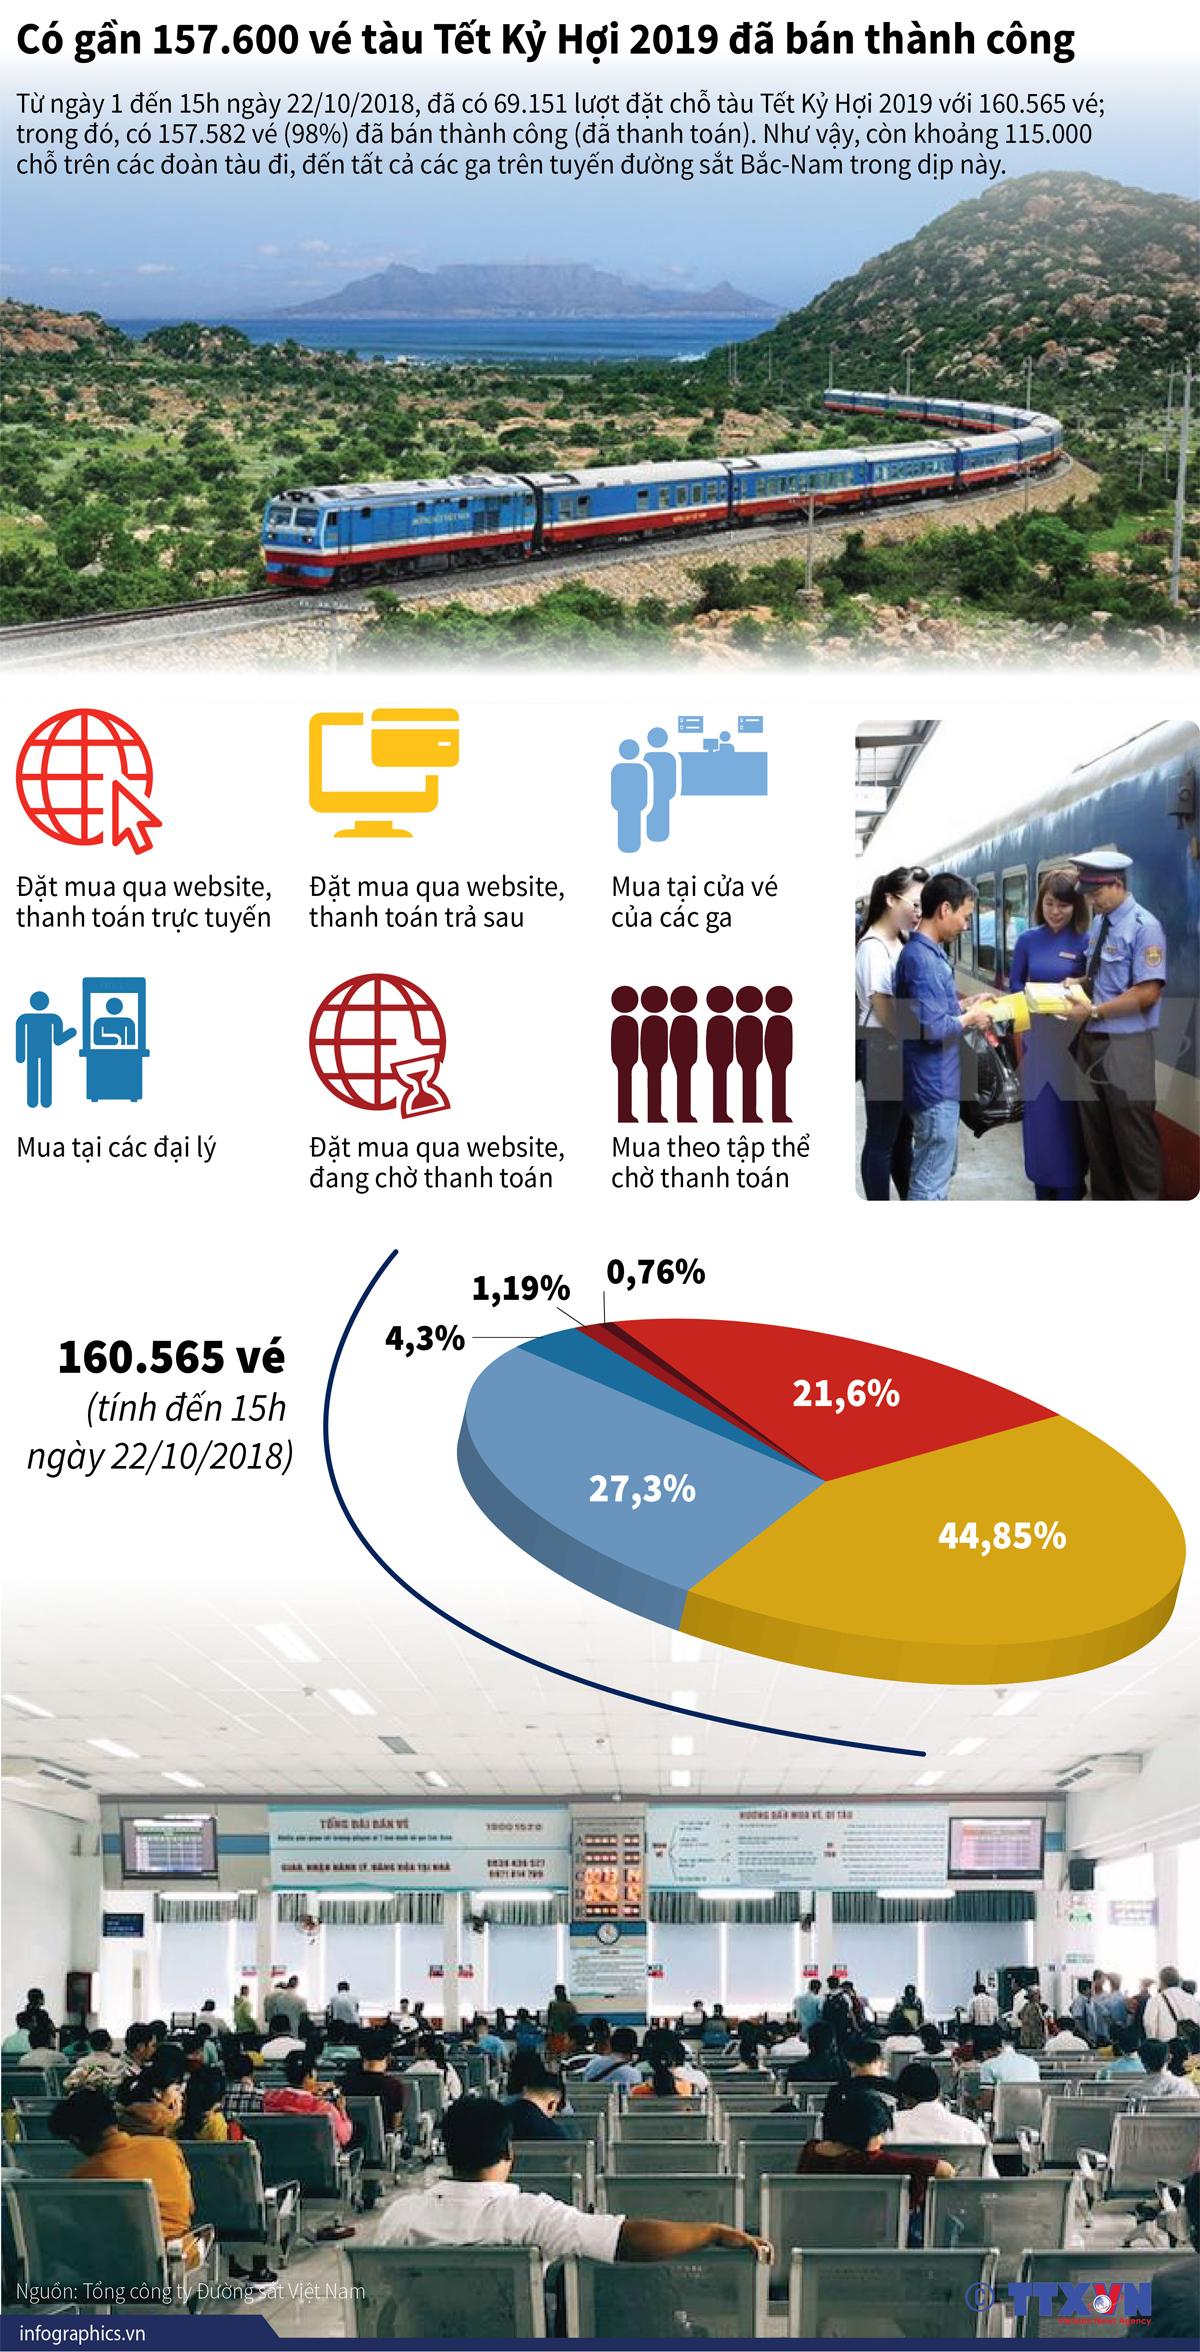 Vé tàu Tết, Infographics, Tết Kỷ Hợi 2019, Giao thông, Về quê, ăn Tết